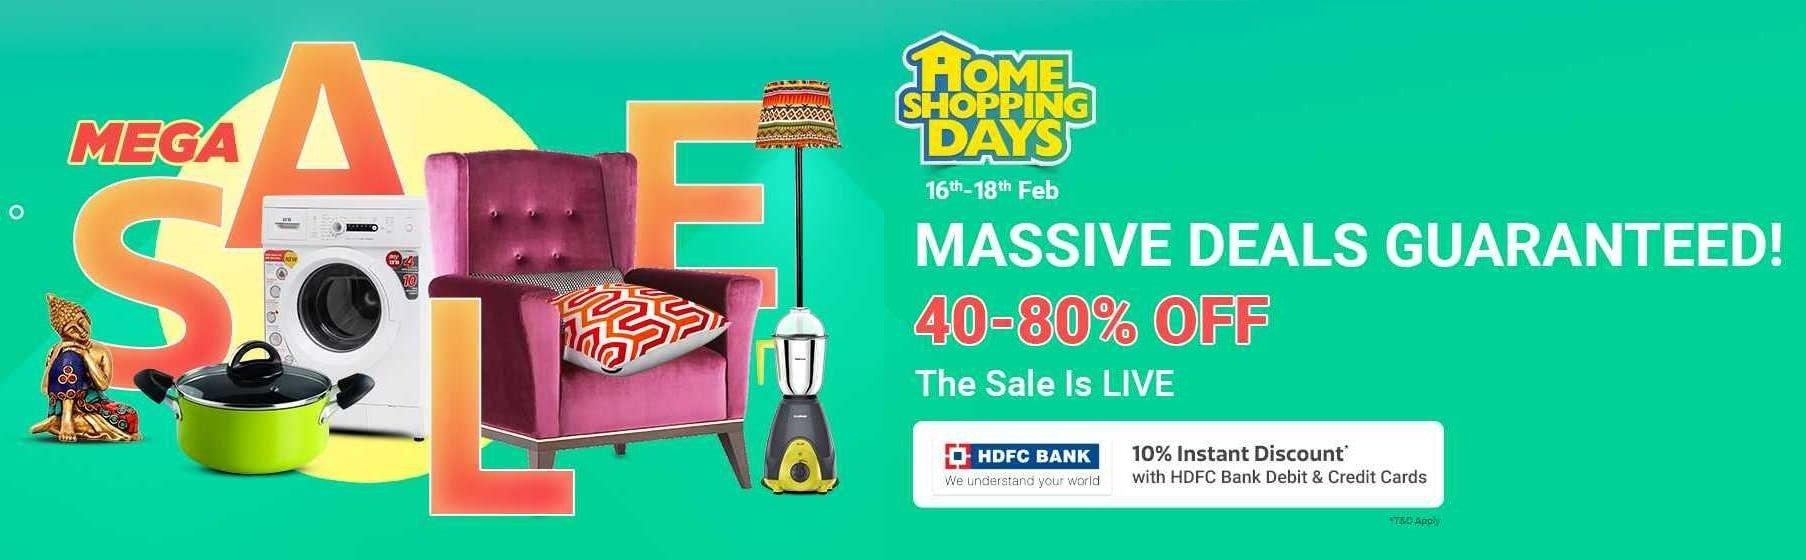 flipkart home shopping days feb 2018